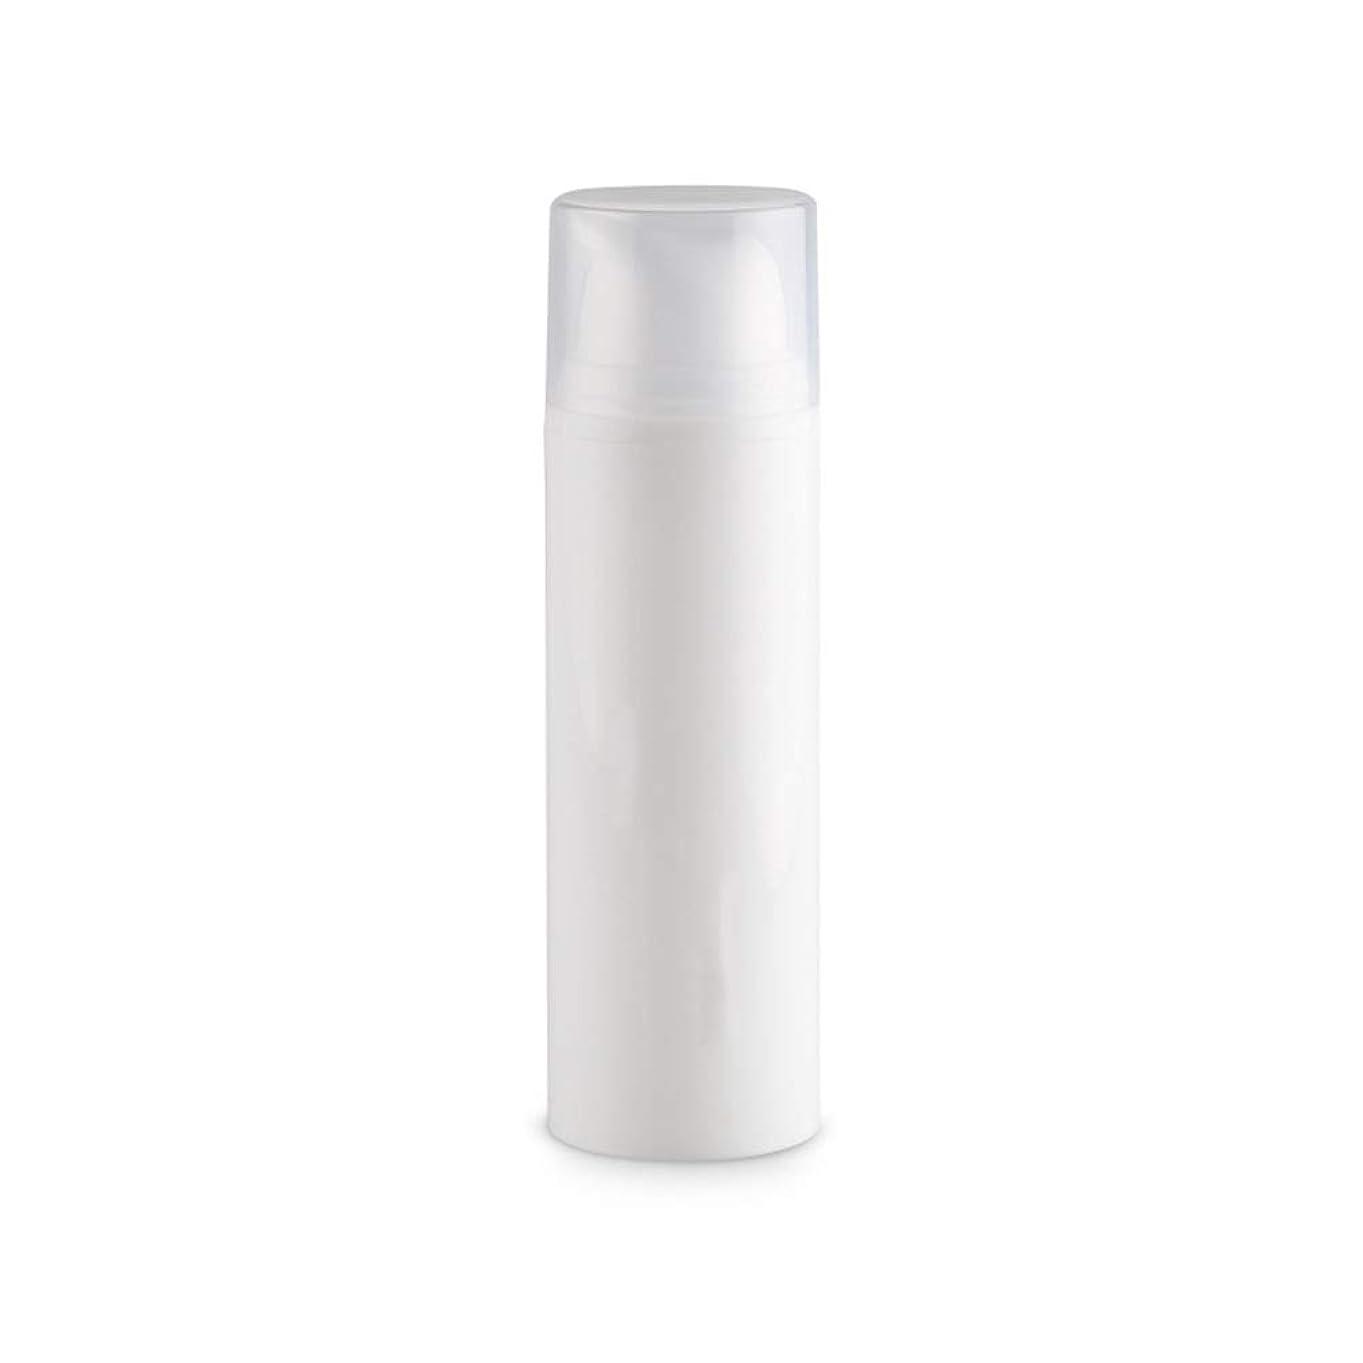 枝ヤギ統治するVi.yo 小分けボトル ポンプボトル 化粧水 押し式詰替用ボトル 携帯用 旅行用品 50ml